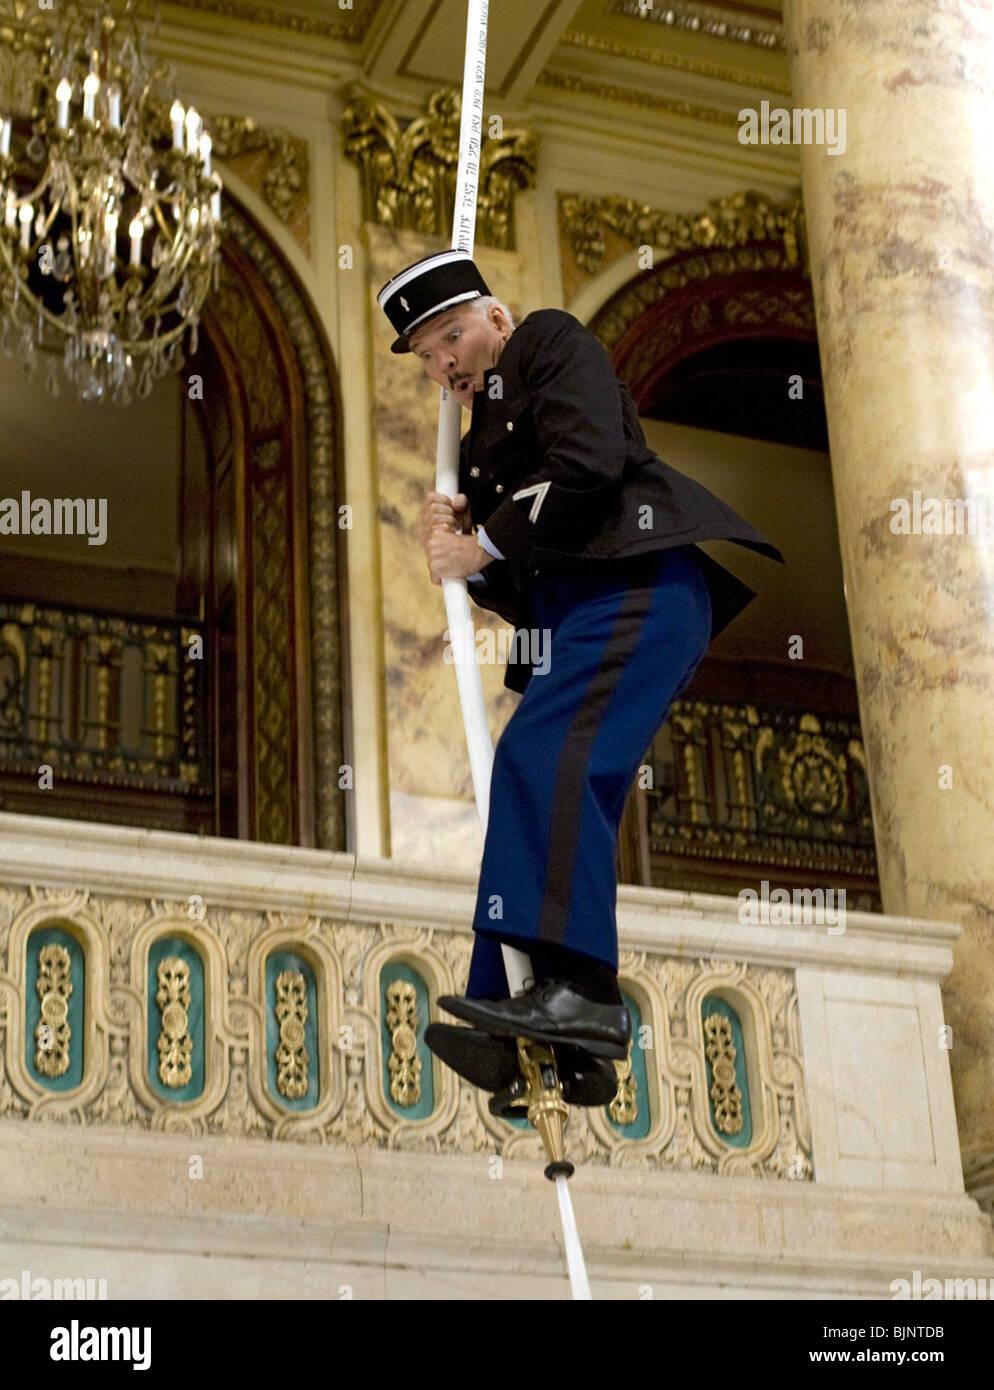 THE PINK PANTHER (2009) STEVE MARTIN HARALD ZWART (DIR) TPP2 005 - Stock Image